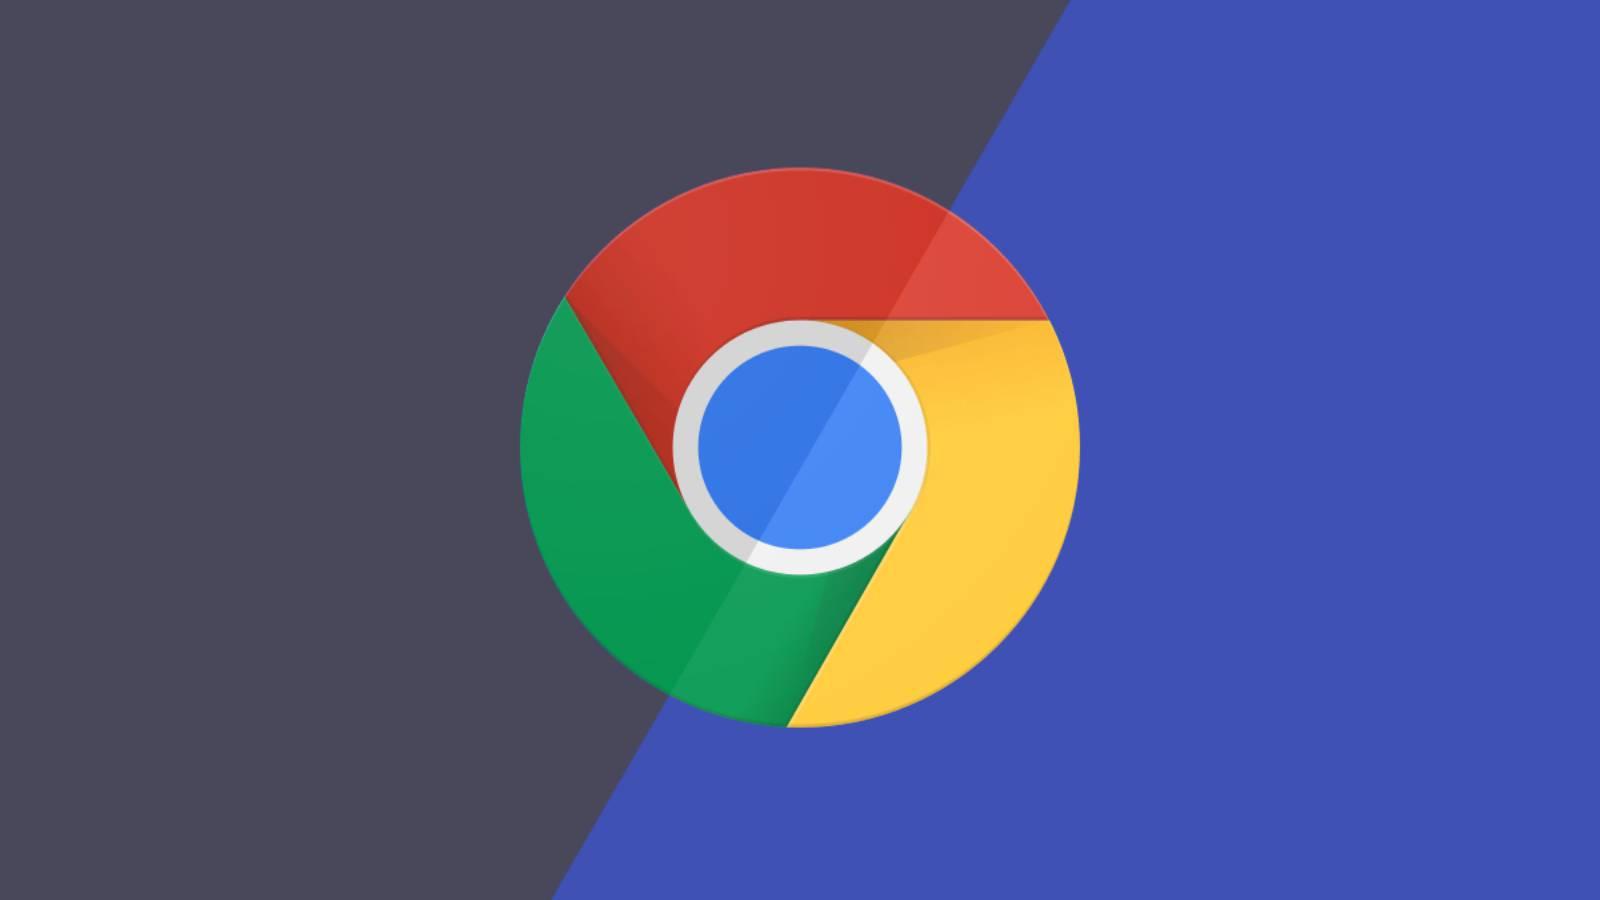 Google Chrome Update a fost Lansat pentru Telefoane, Tablete